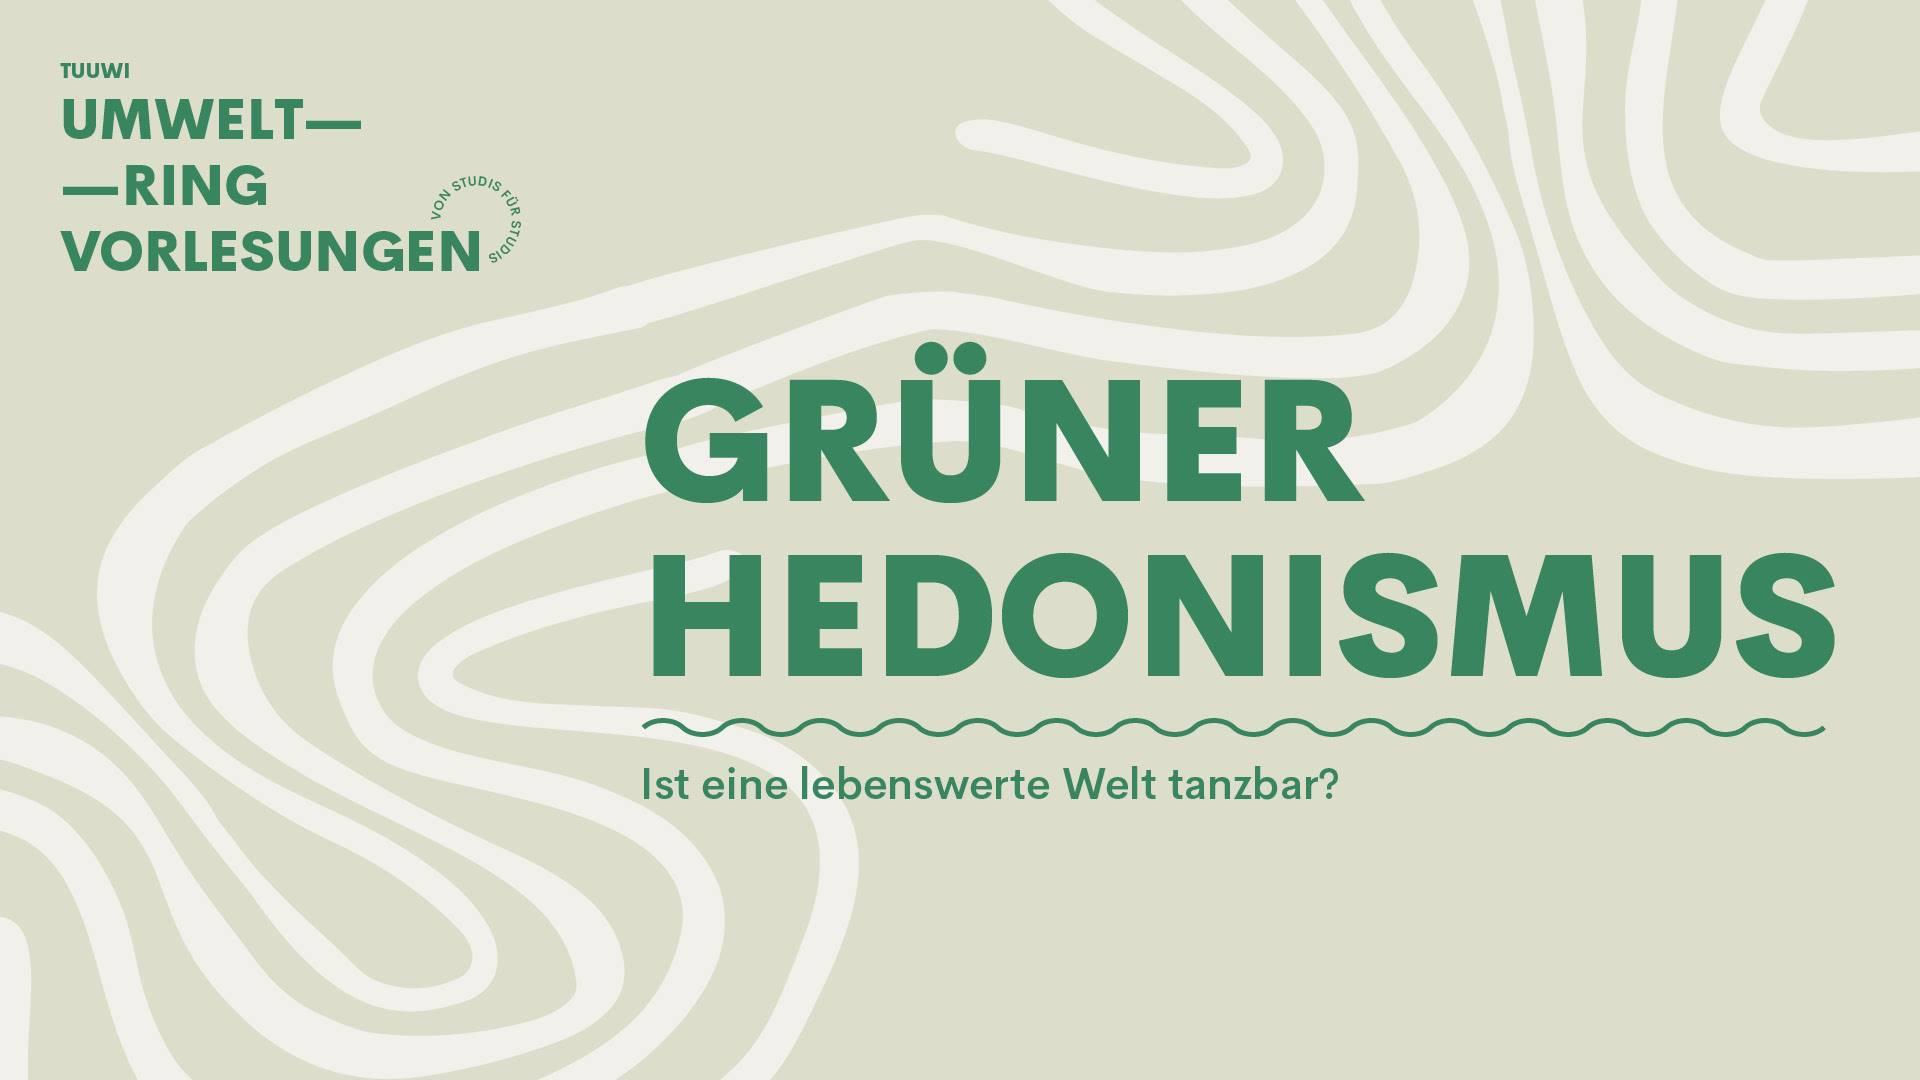 """""""GRÜNER HEDONISMUS"""" – IST EINE LEBENSWERTE WELT TANZBAR?!"""